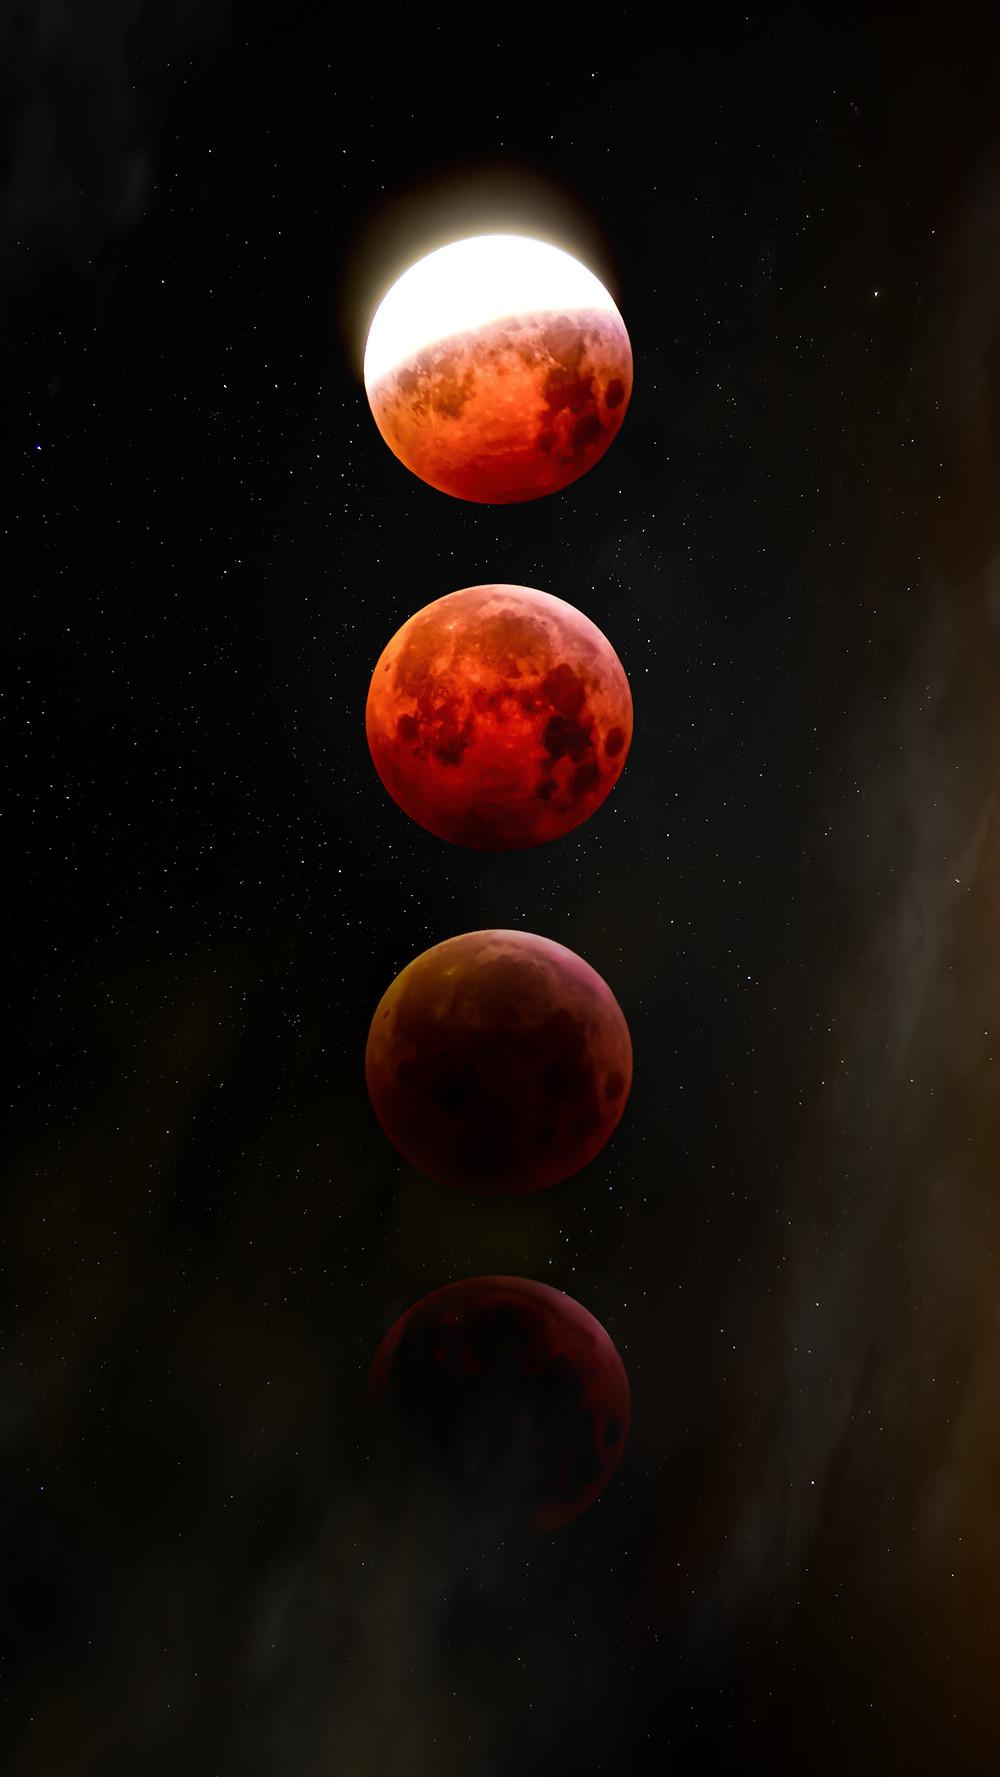 carta astral, eclipses, eclipse de luna, diferencia entre eclipse de sol y de luna, eclipses 2020, estudiar astrología, astrología en Barcelona, astrólogo en barcelona, astróloga en barcelona